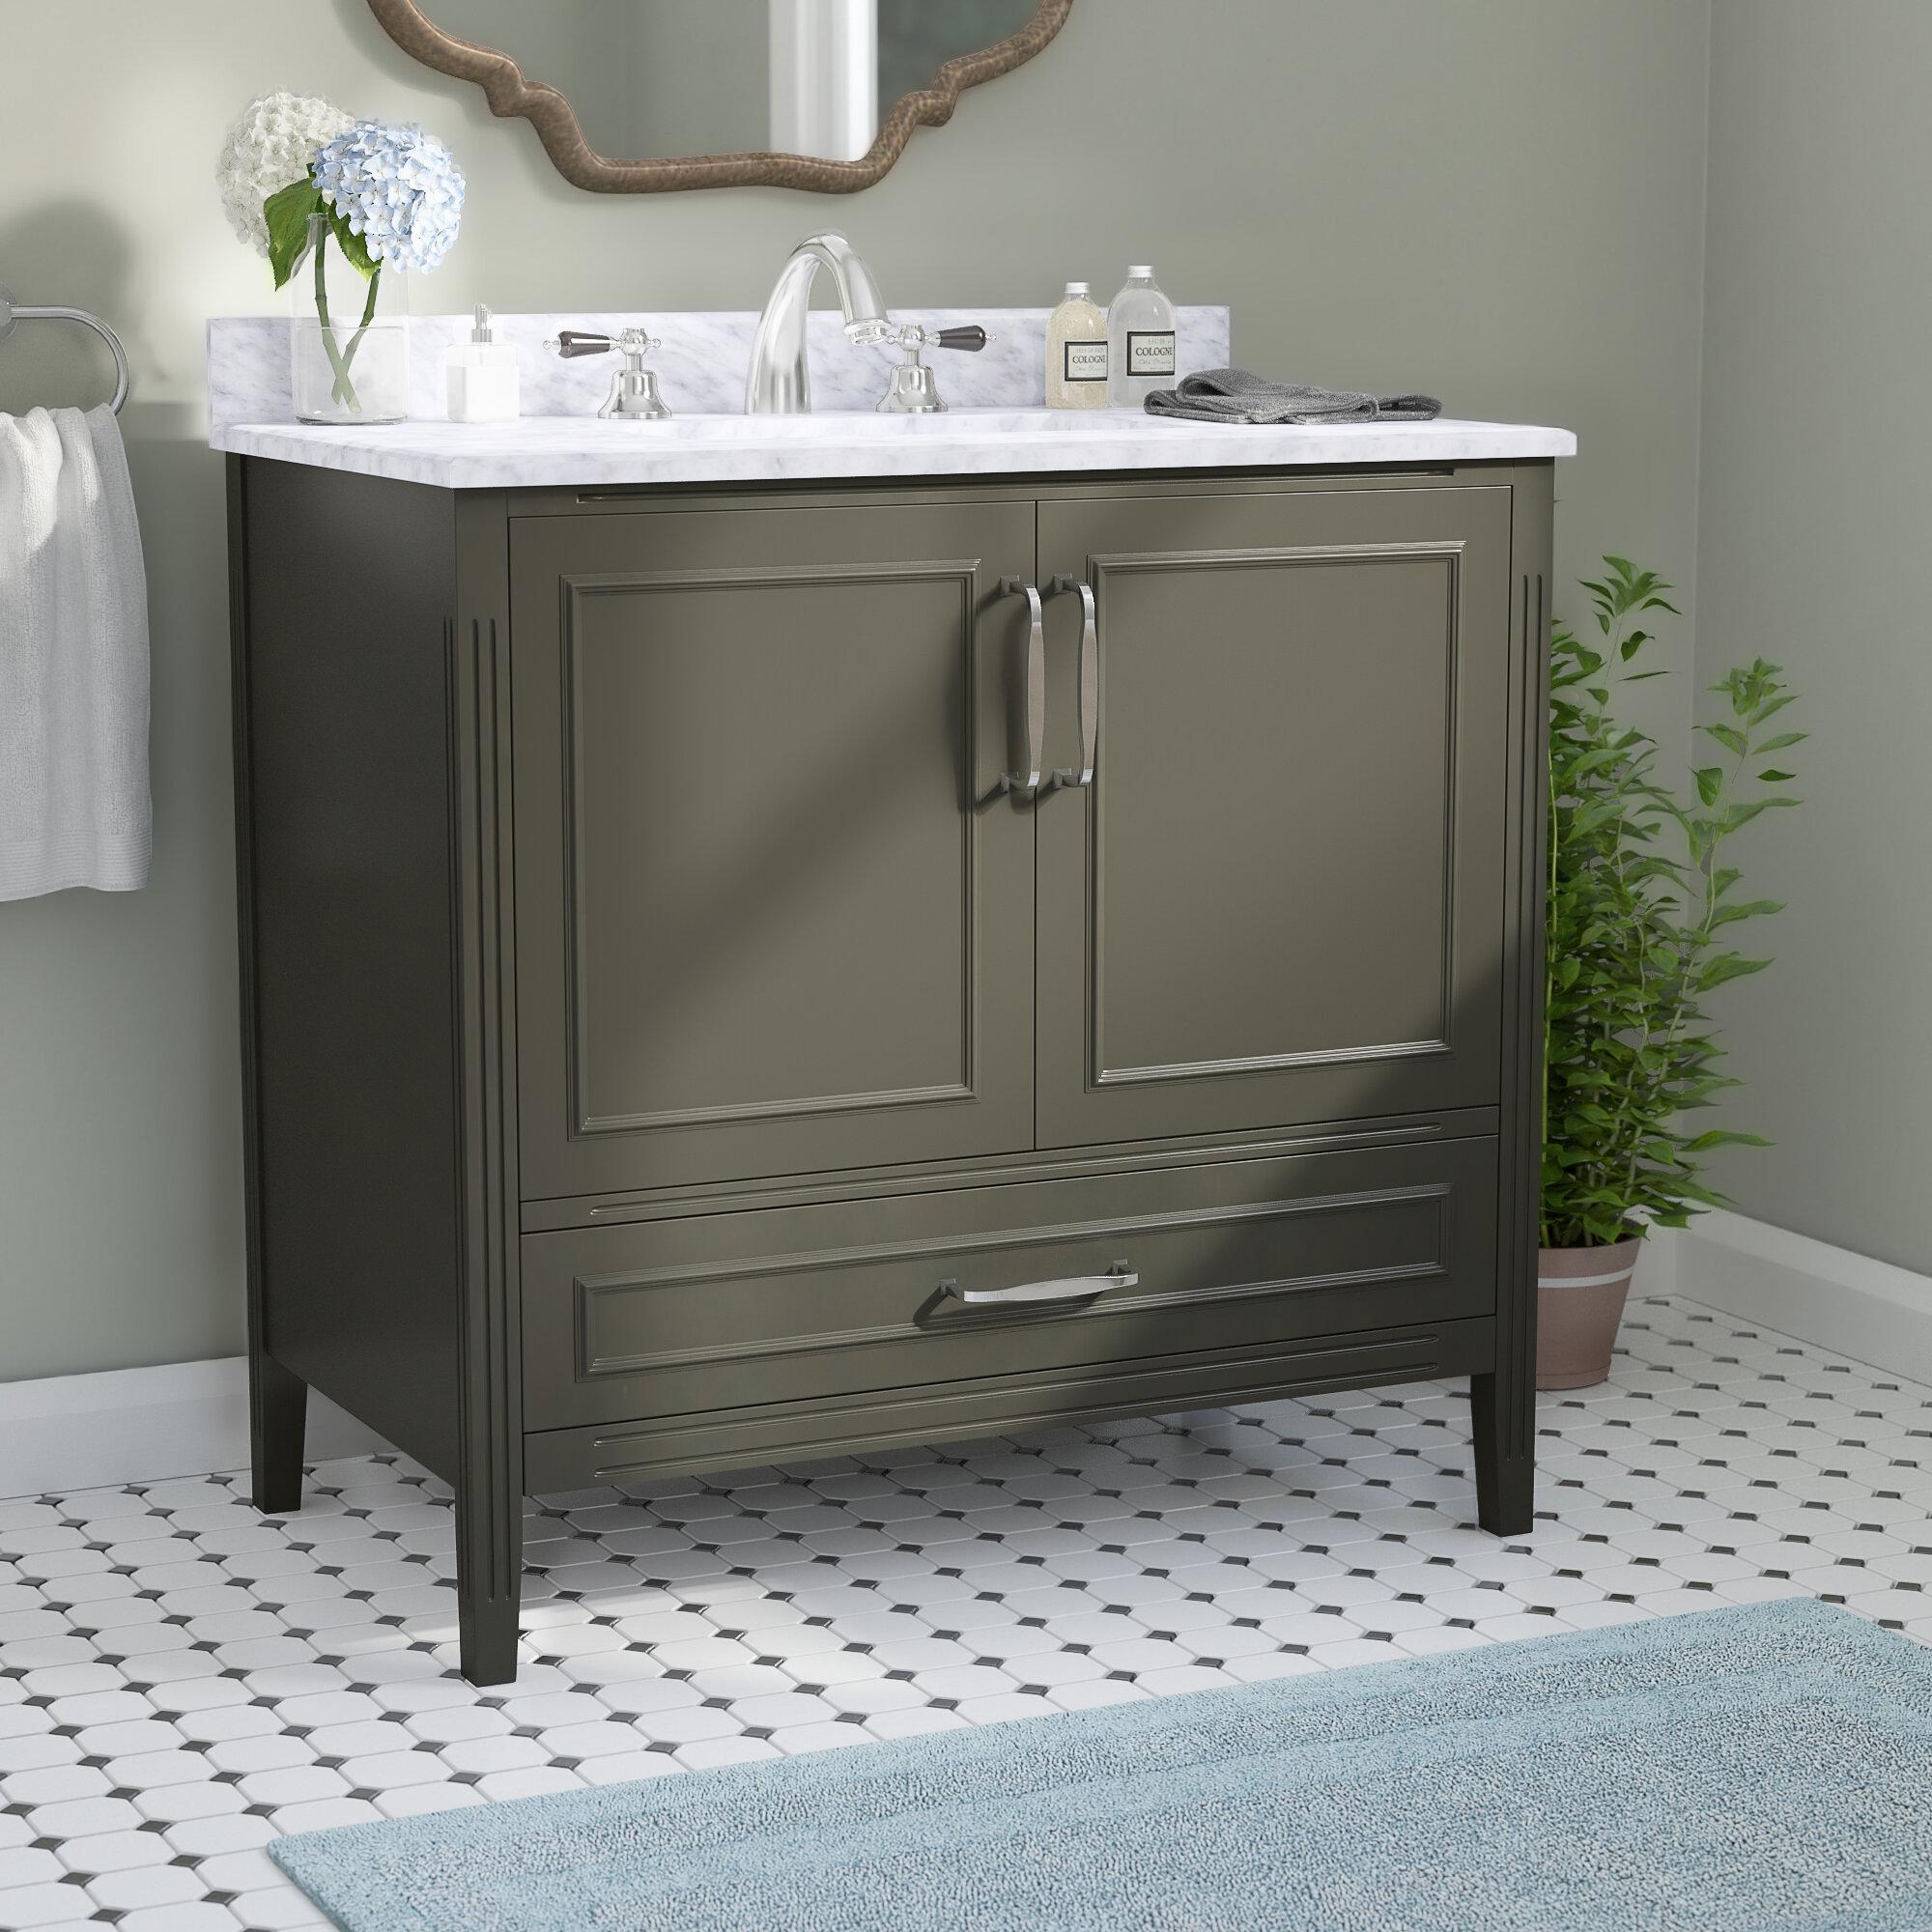 Charlton Home Annis 36 Single Bathroom Vanity Reviews Wayfair